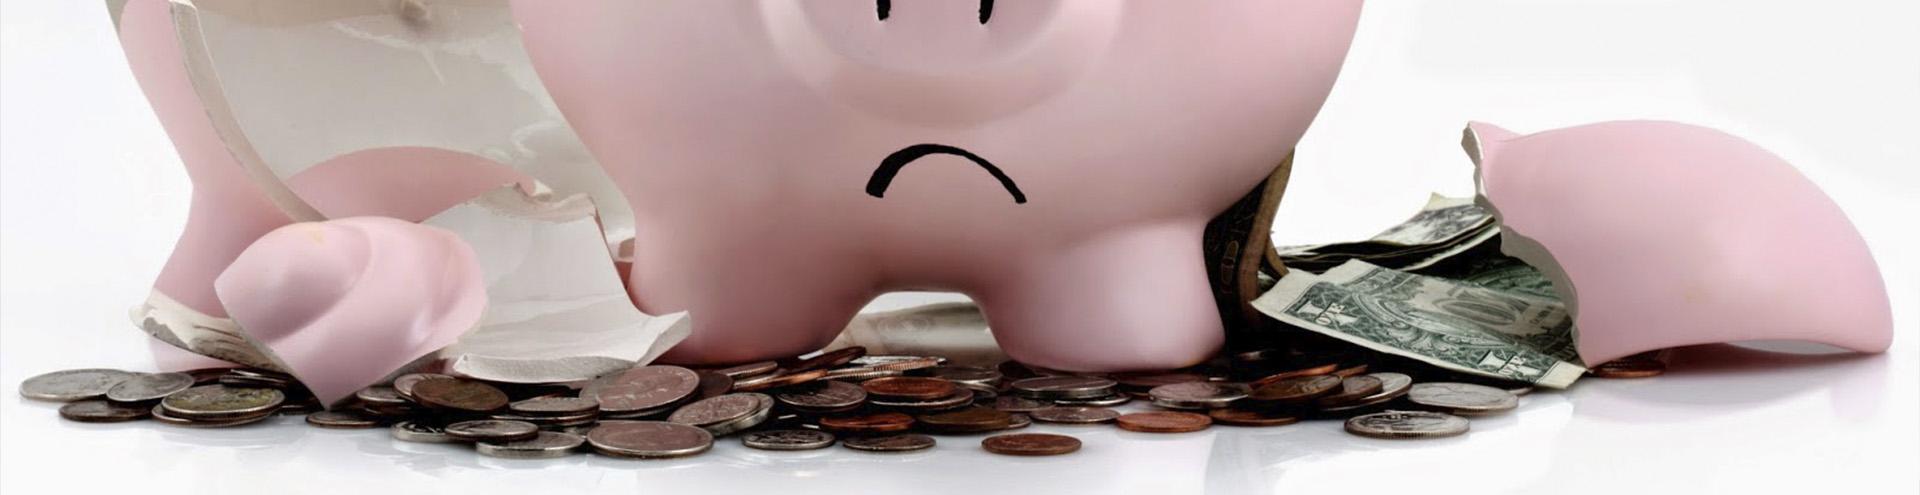 банкротство банка в Калуге и Калужской области